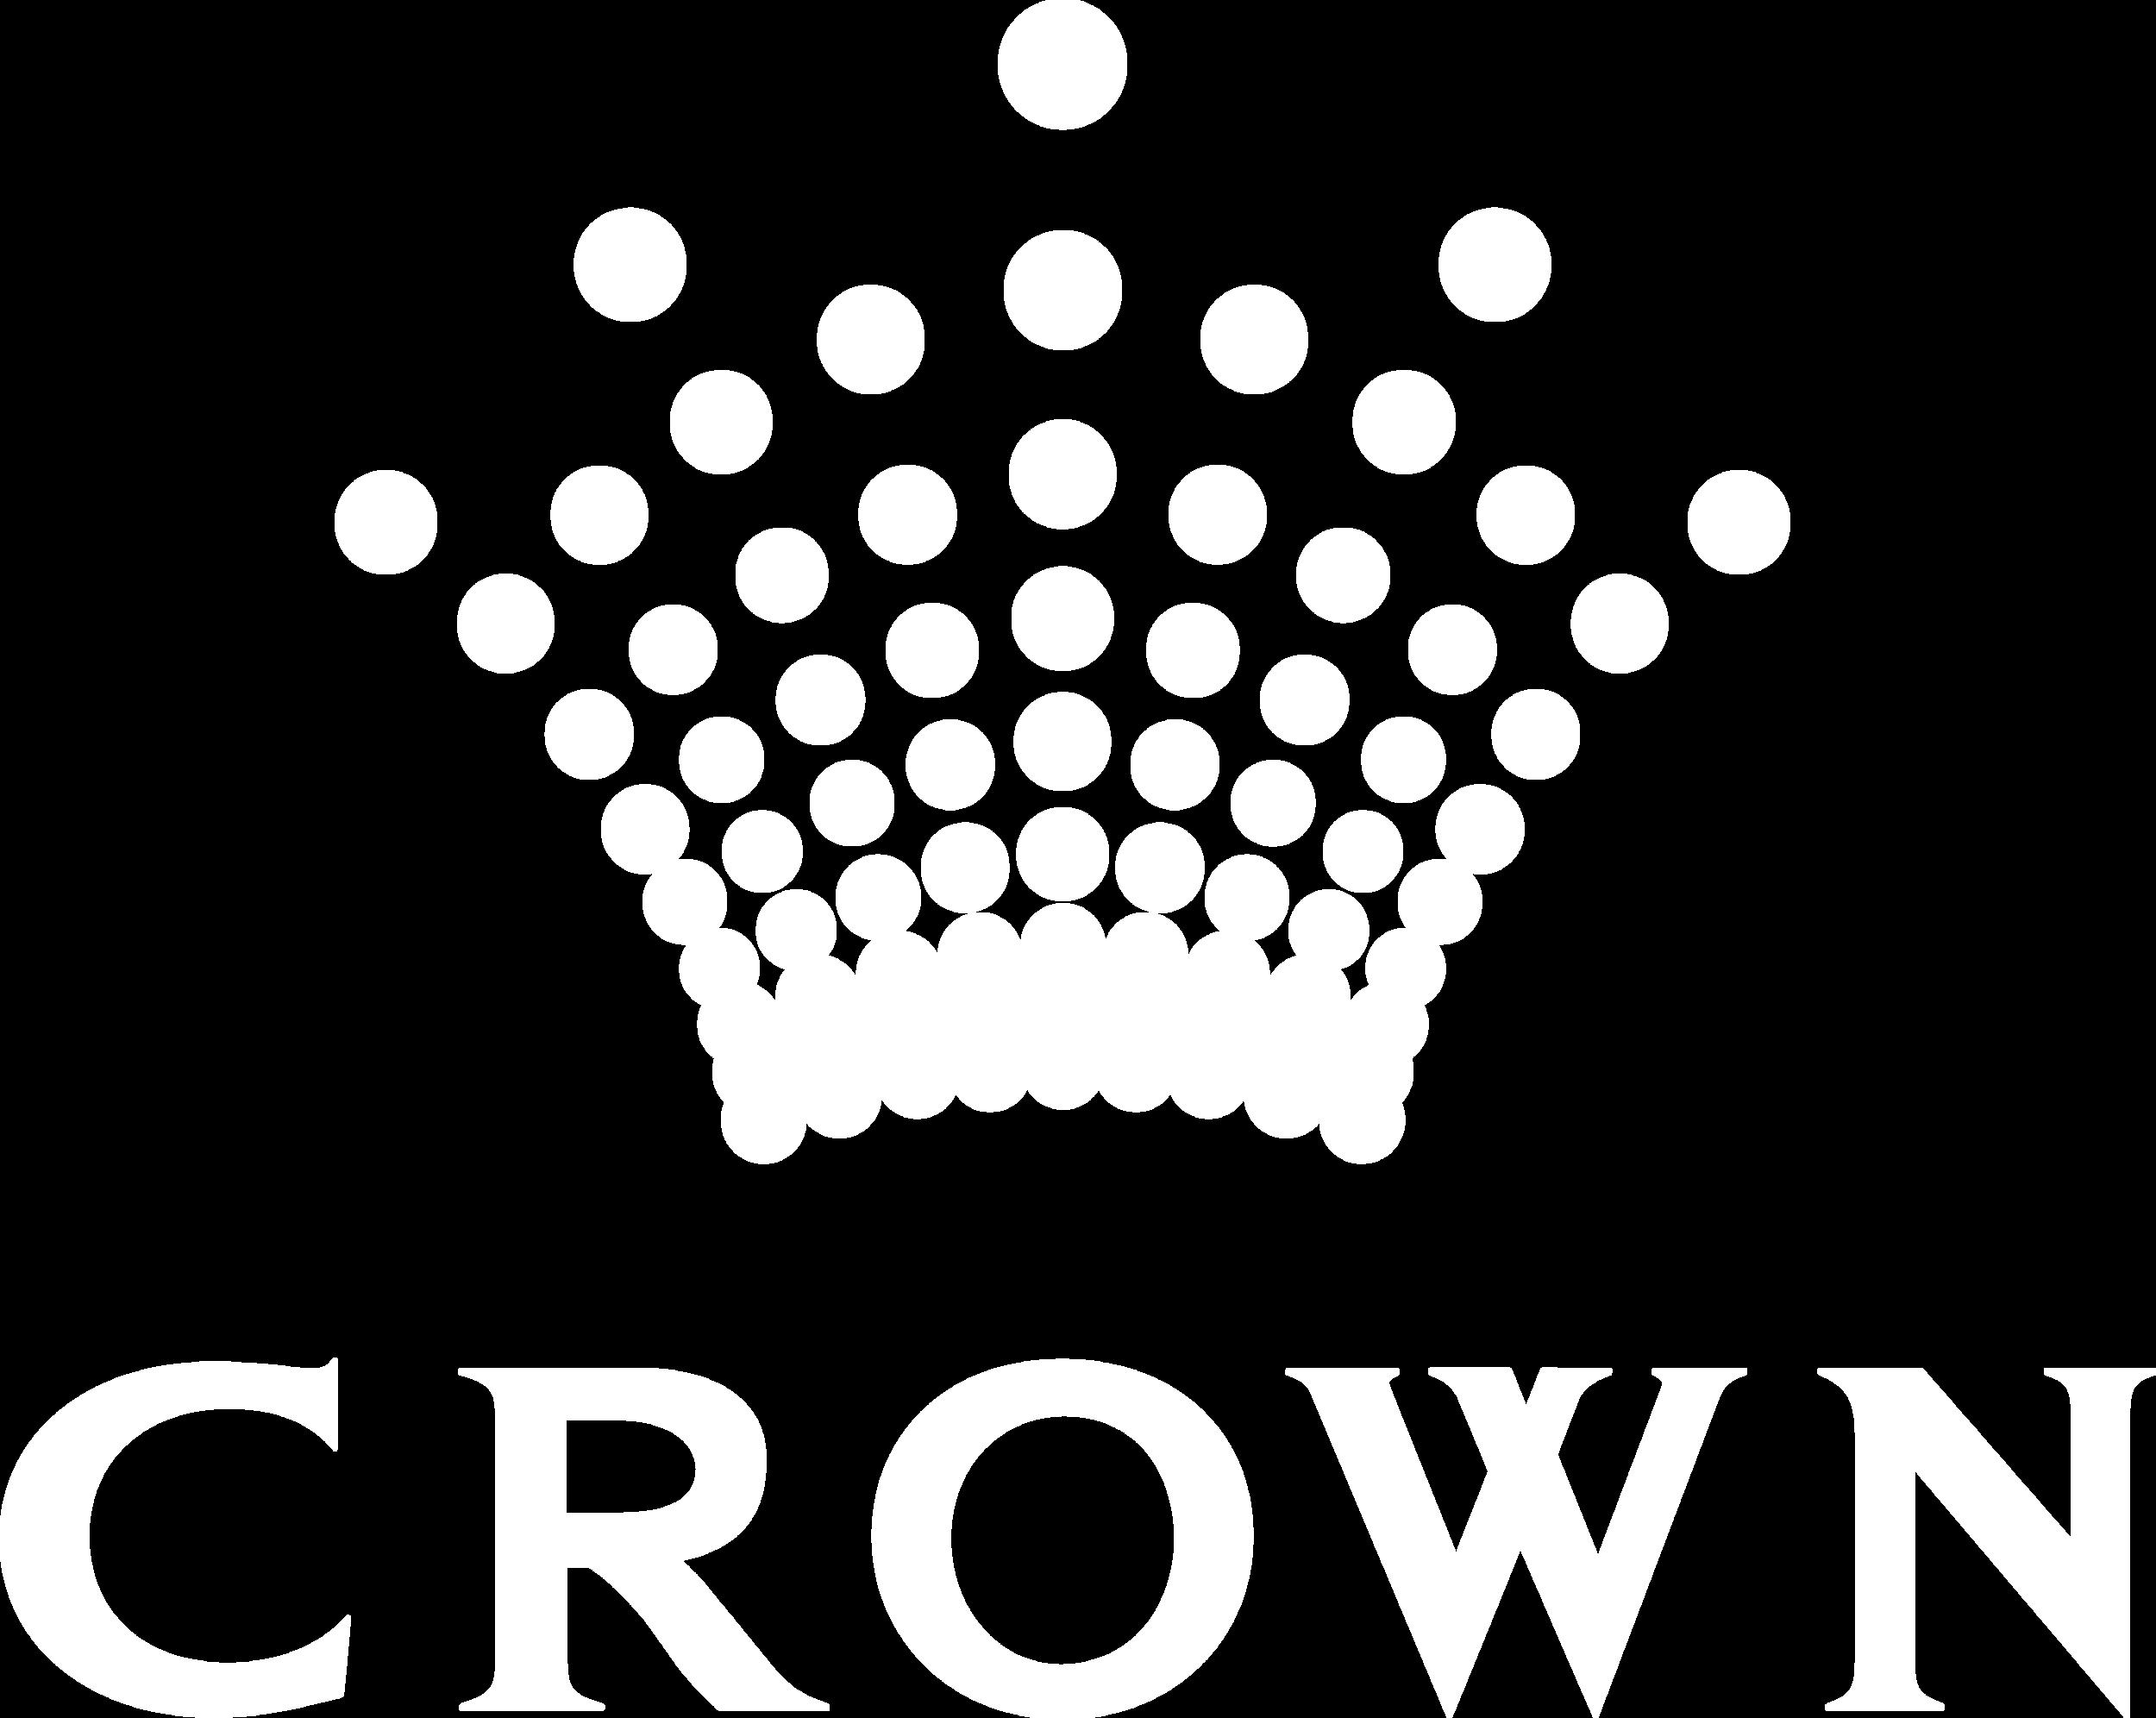 crown-logo copy1.png